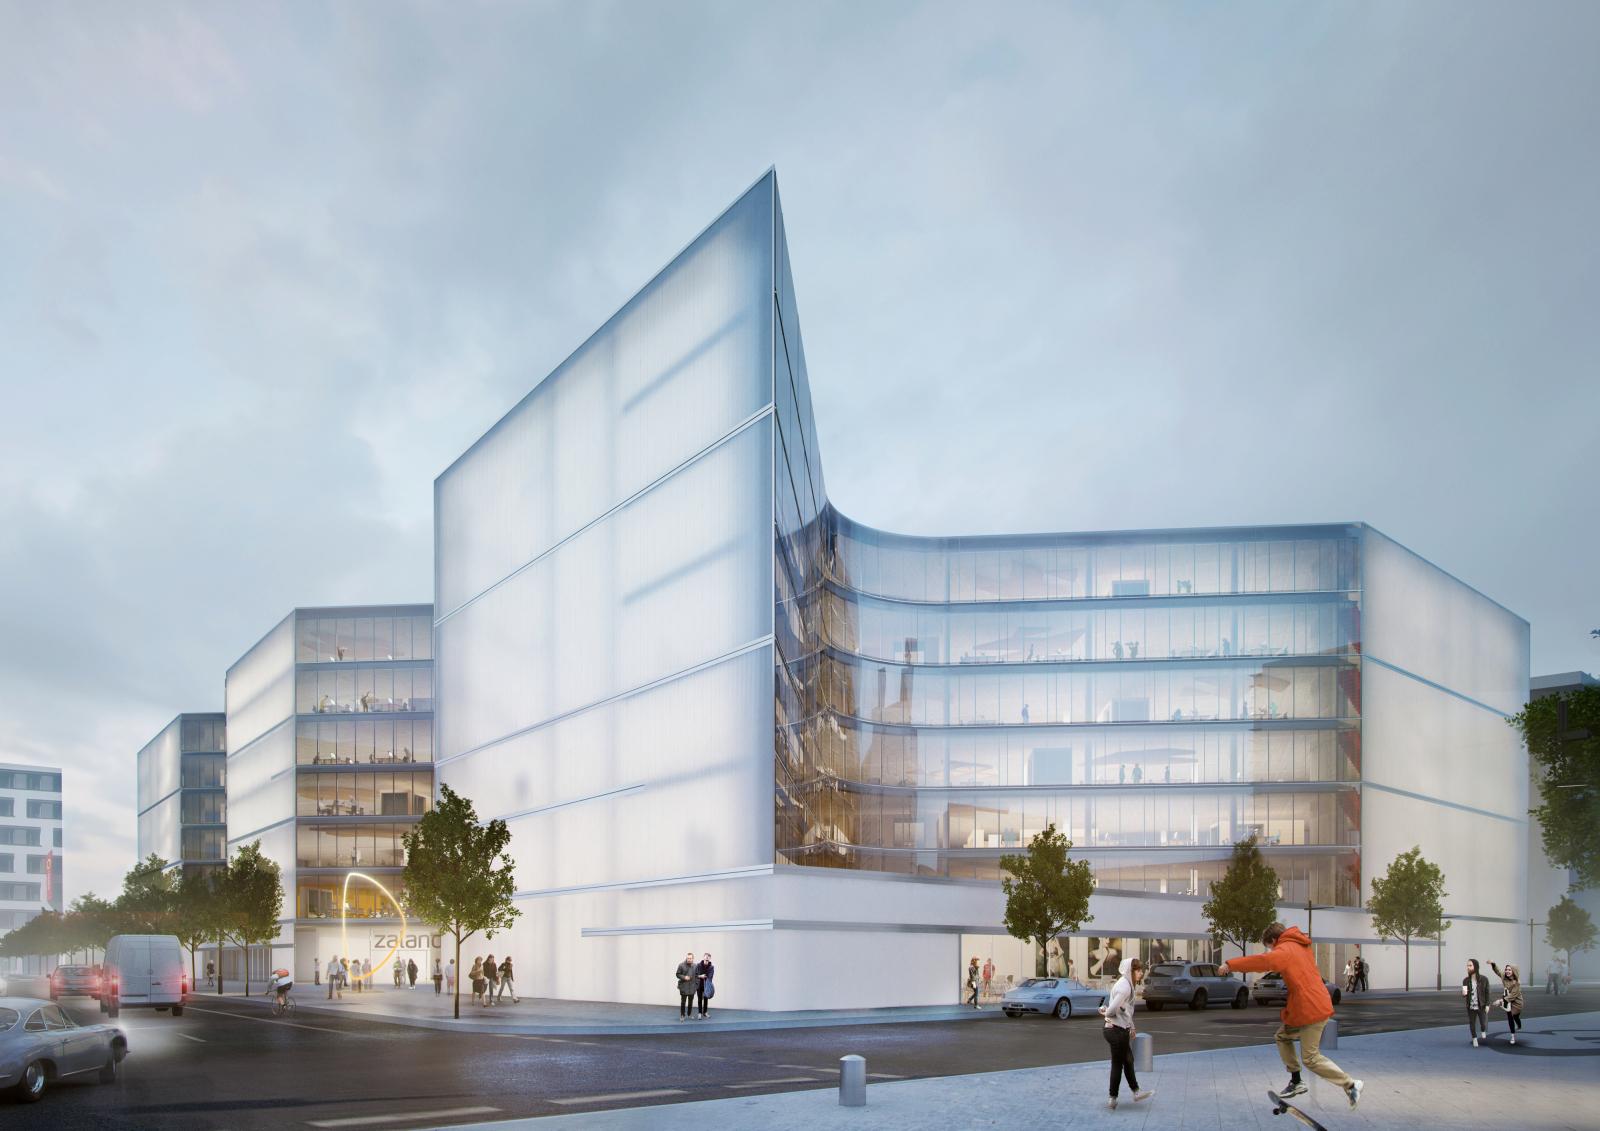 Der neue Zalando-Komplex in Berlin. Das Münchner Büro Gunter Henn hat den Bau bewusst mit längeren Wegen konzipiert, um die Vernetzung der Mitarbeiter untereinander zu verbessern. (Bild: Zalando)